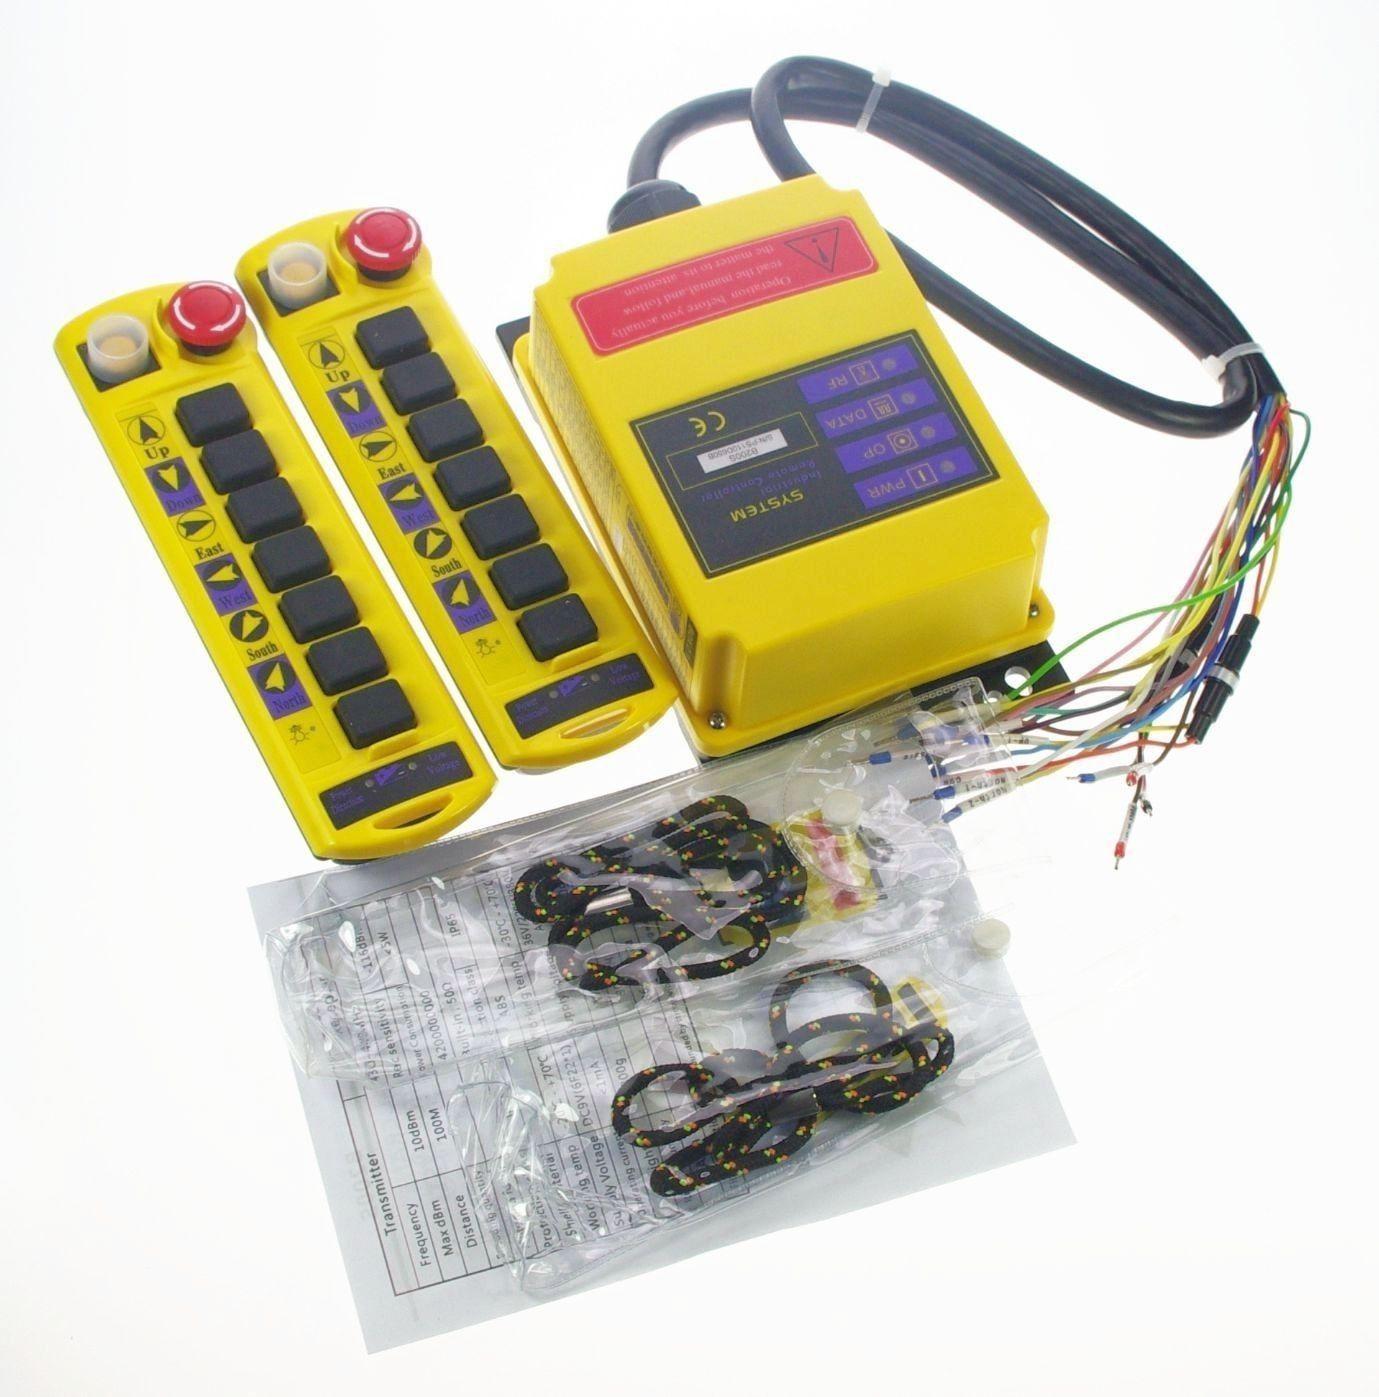 2 Speed 2 Transmitters Control Hoist Crane Radio Remote Control System Controller CE 12V 24V AC/DC 110V 220V 380V,415VAC